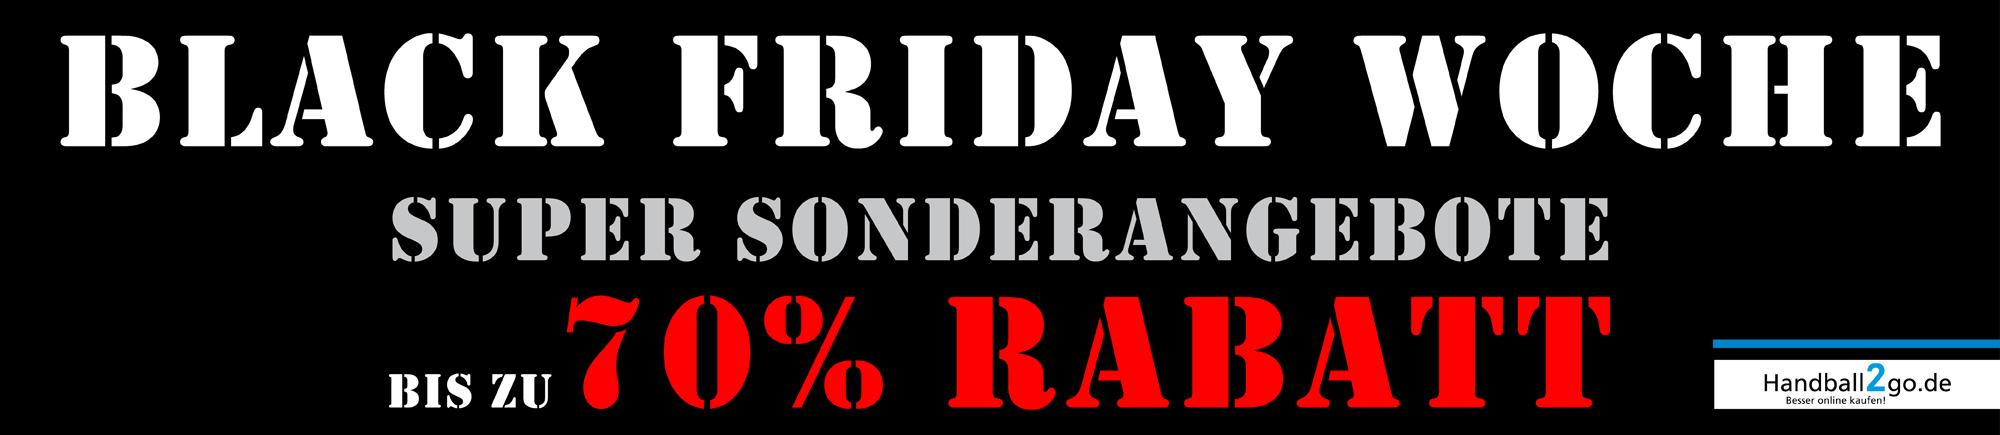 Handball2go Black Friday Week Deals